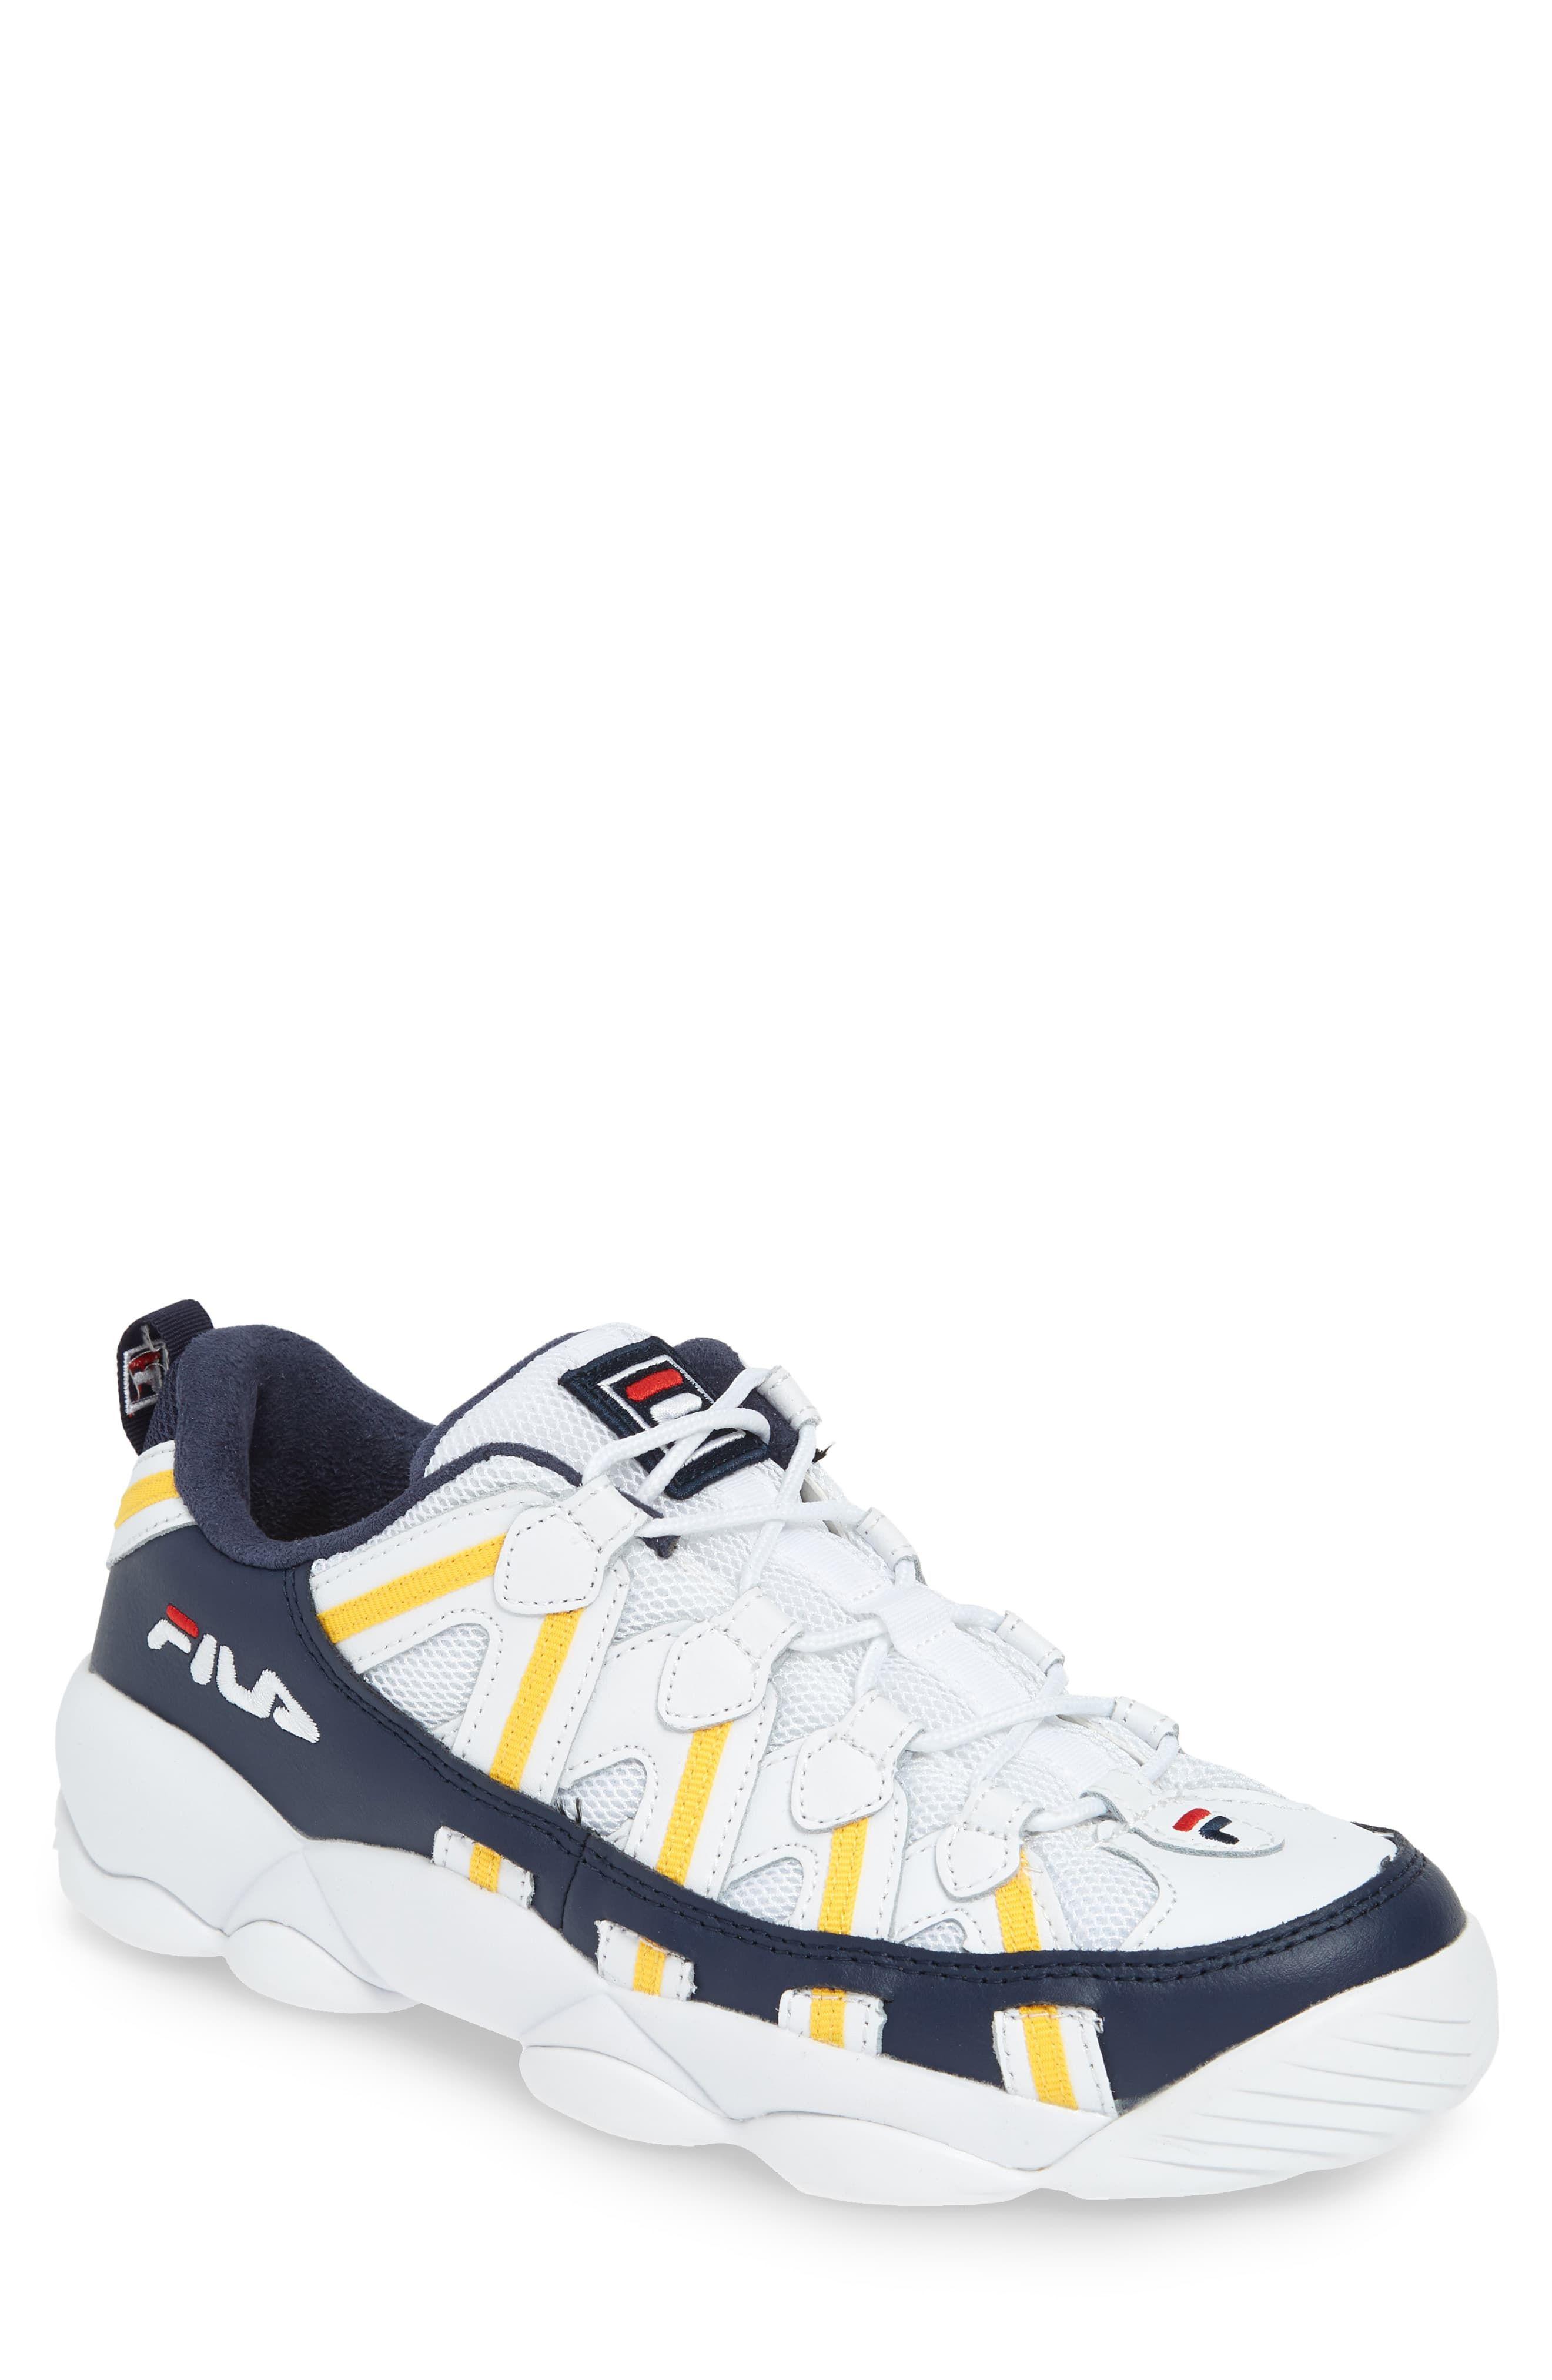 FILA Spaghetti Low Sneaker (Men Sneakers, Sneakers nike  Sneakers, Sneakers nike